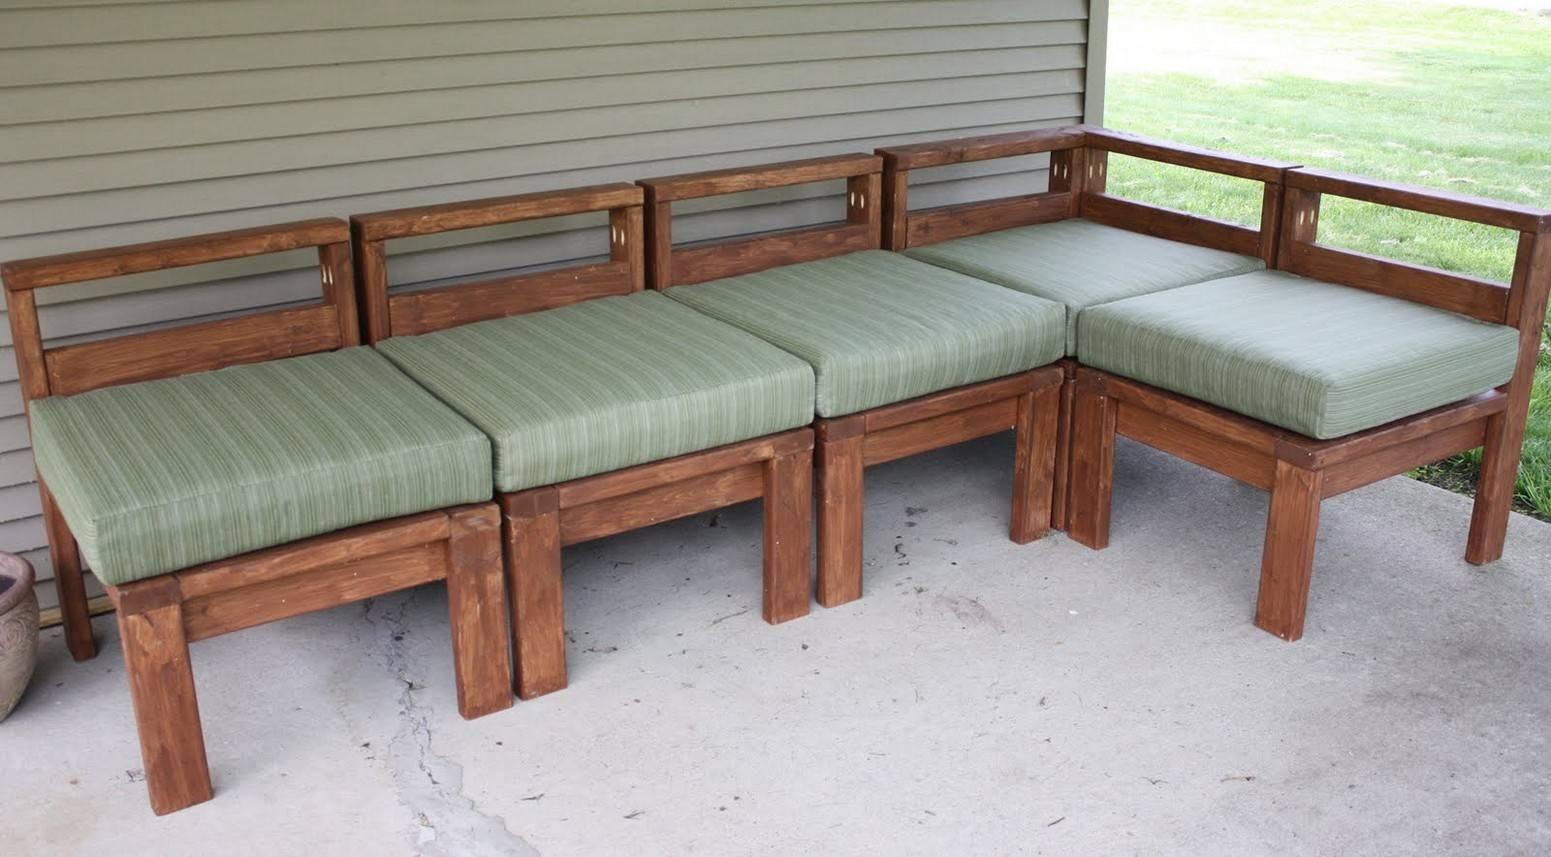 Diy Sofa Plans Pdf | Goodca Sofa regarding Building a Sectional Sofa (Image 22 of 30)